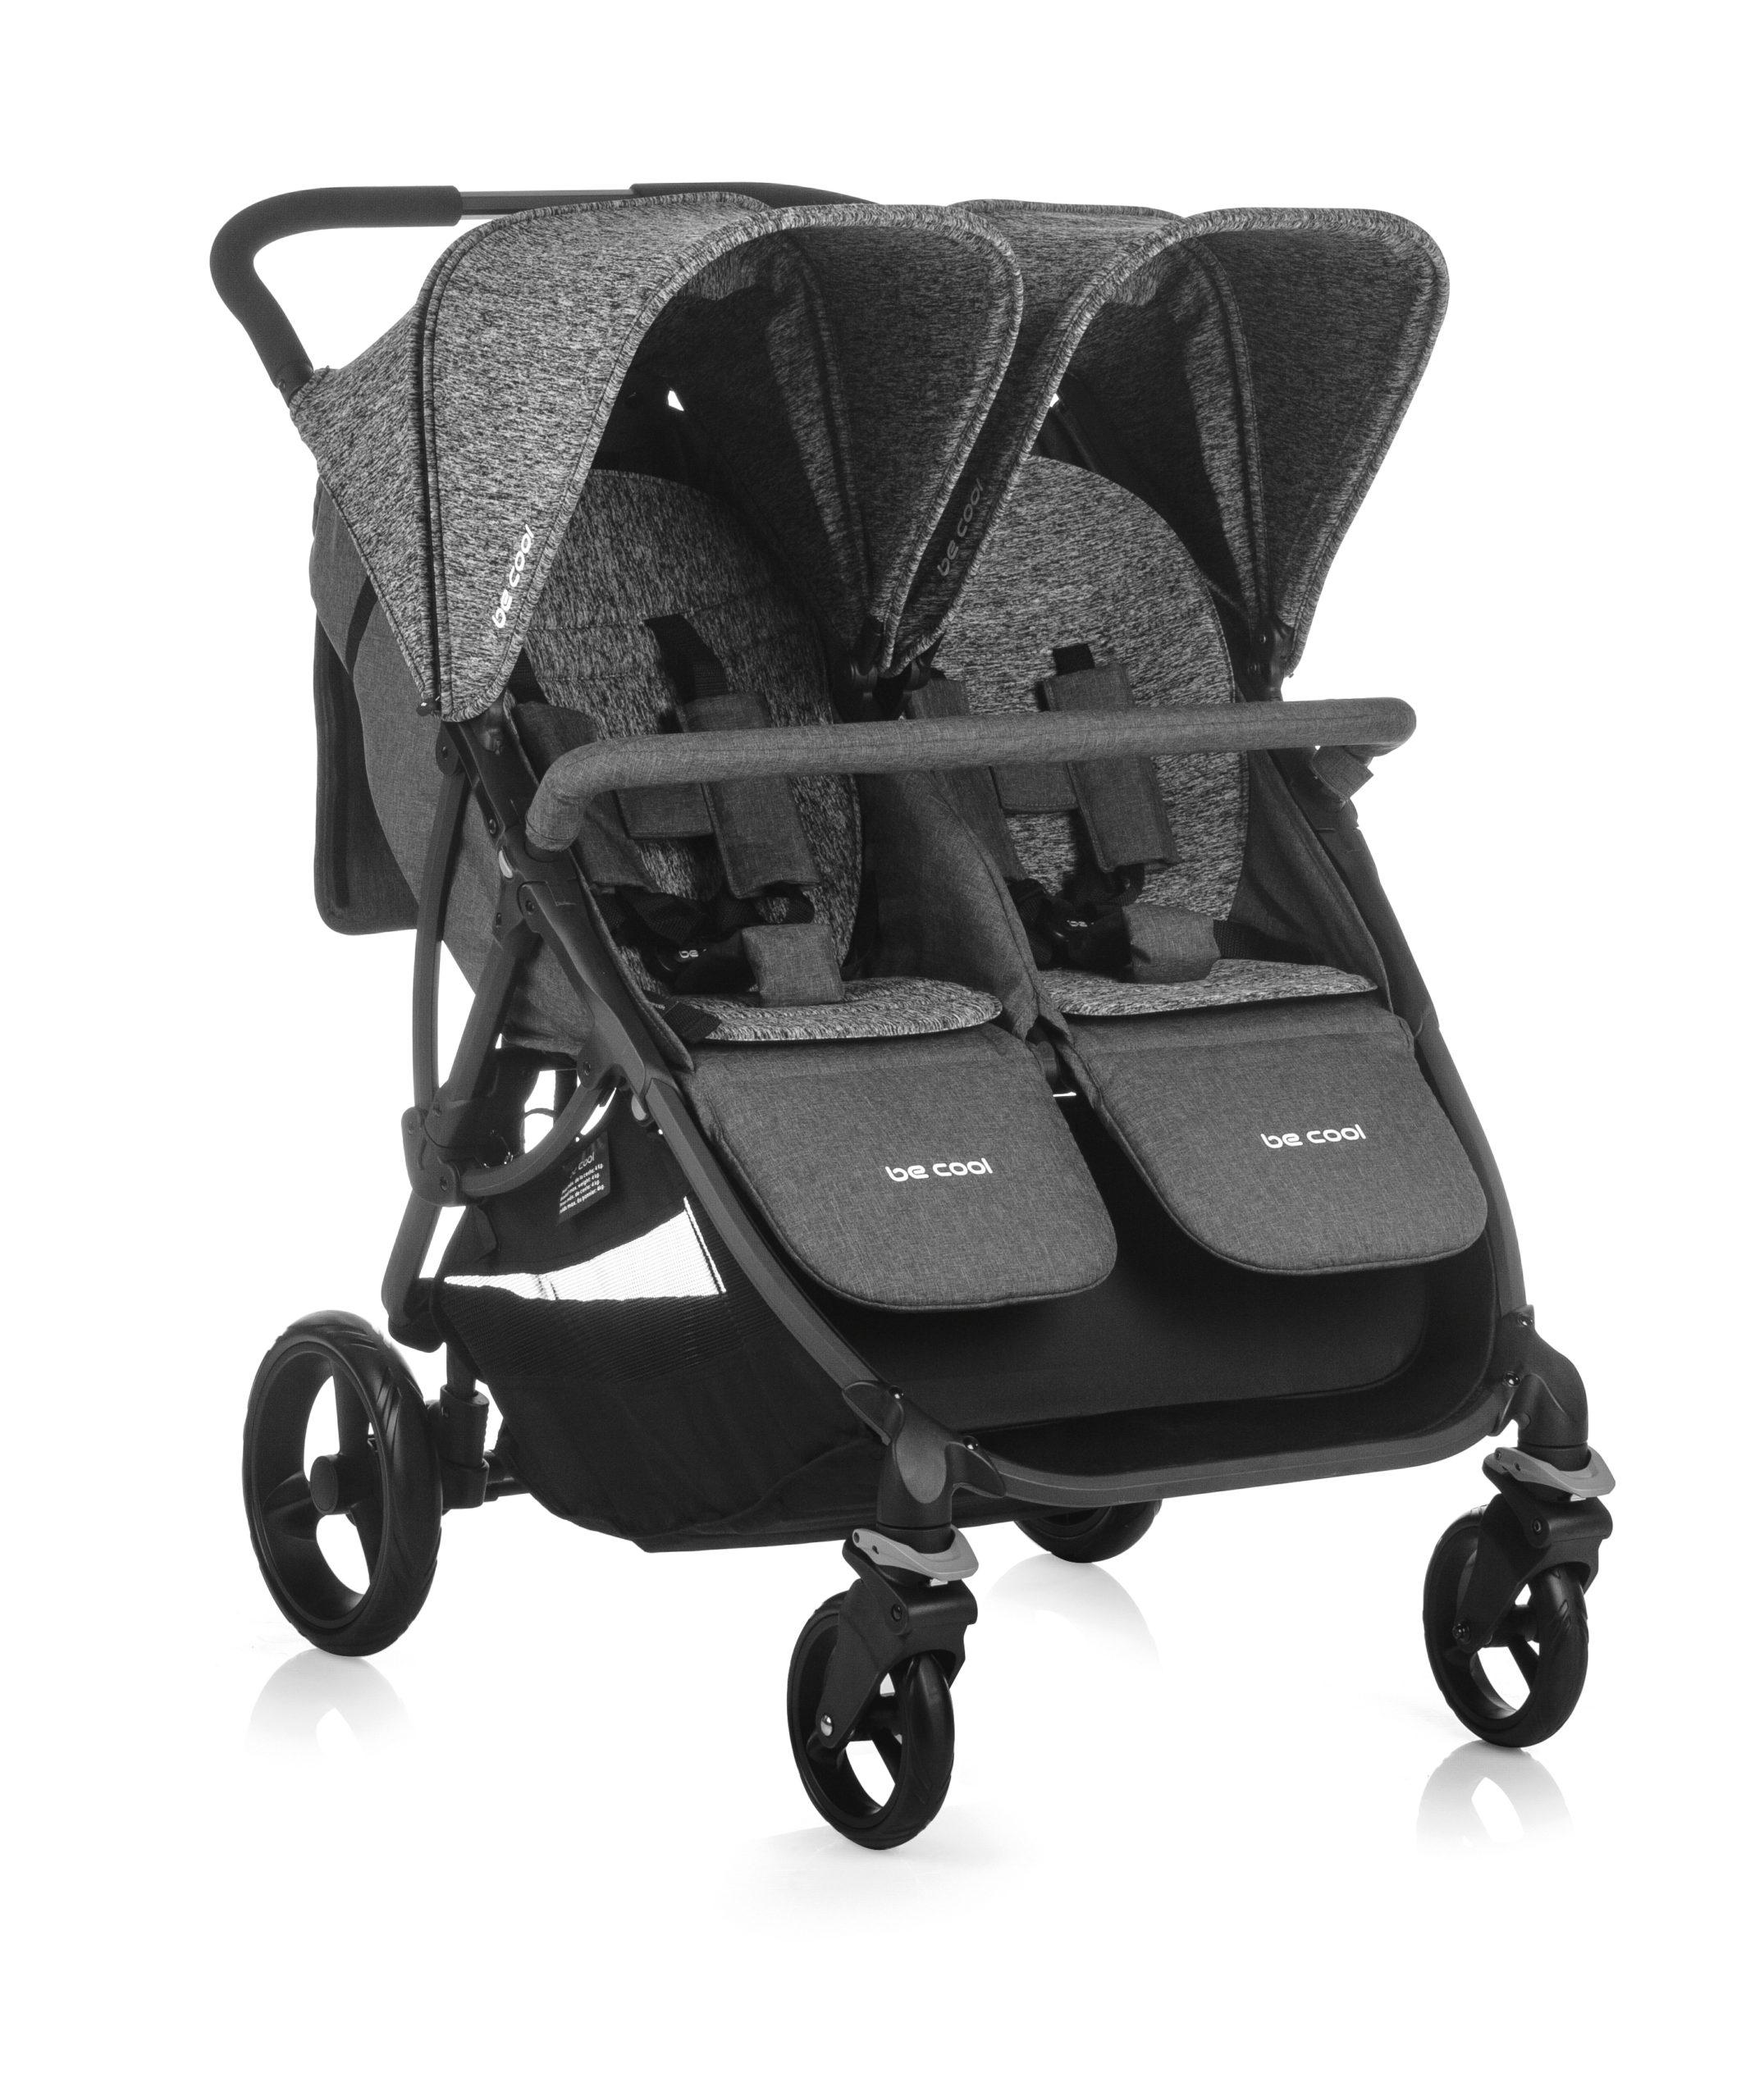 carritos de bebé - Carritos de bebé